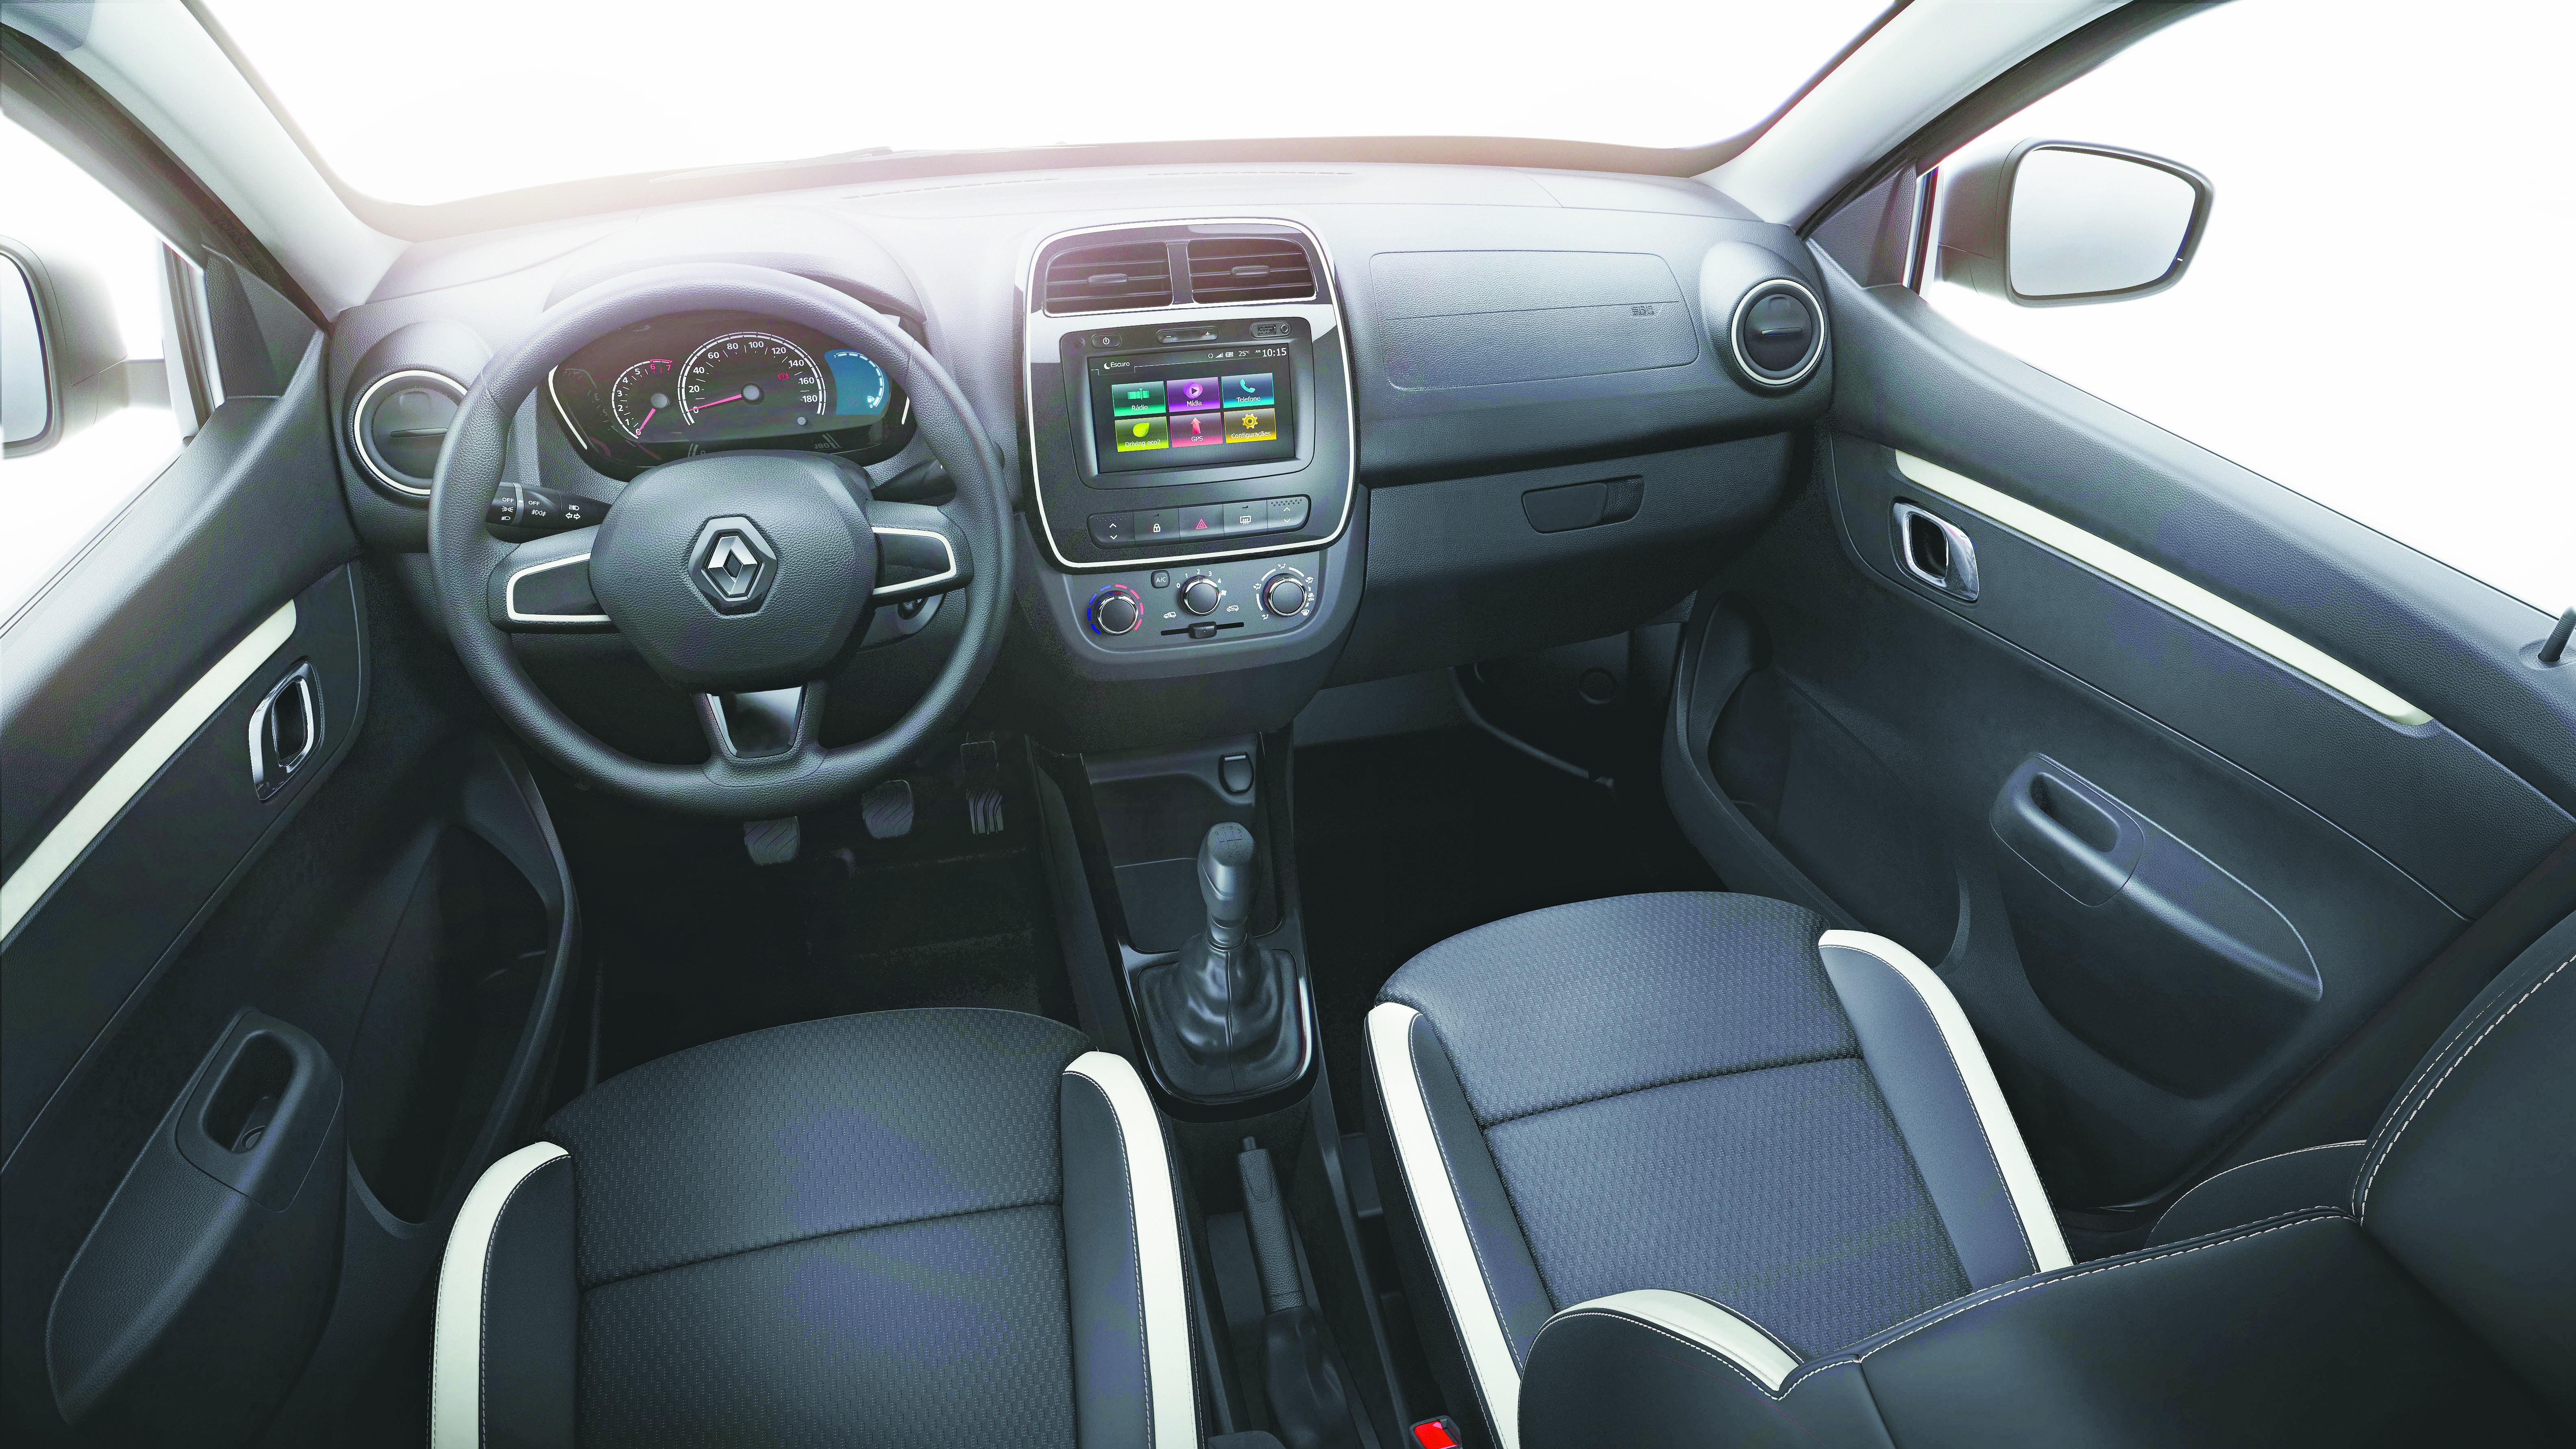 Media Nav é item de série da Intense, a versão top de linha do novo compacto da Renault - Renault/Divulgação/ND